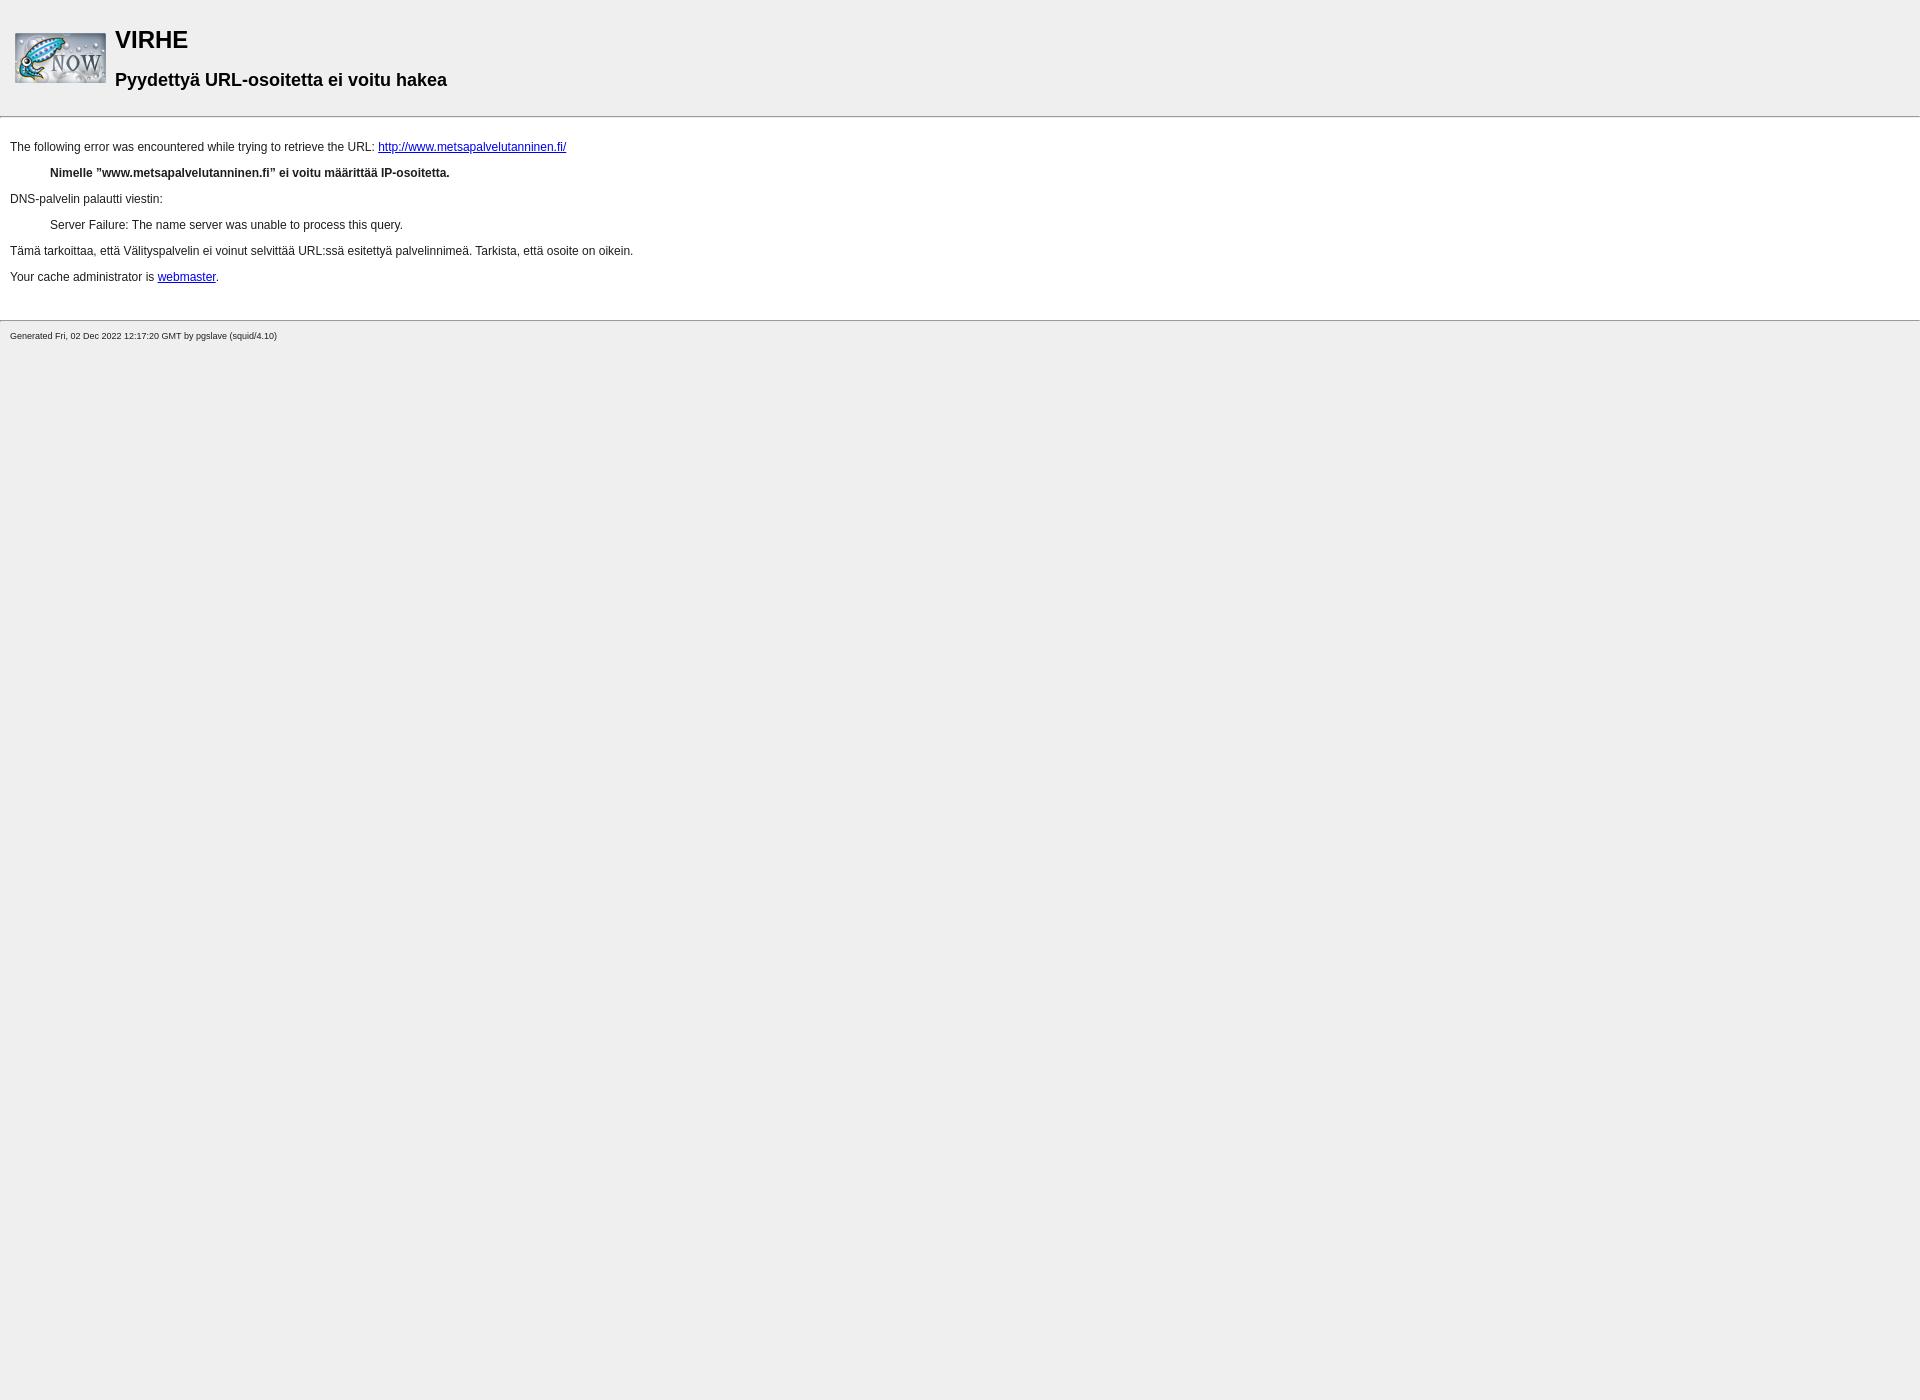 Screenshot for metsapalvelutanninen.fi